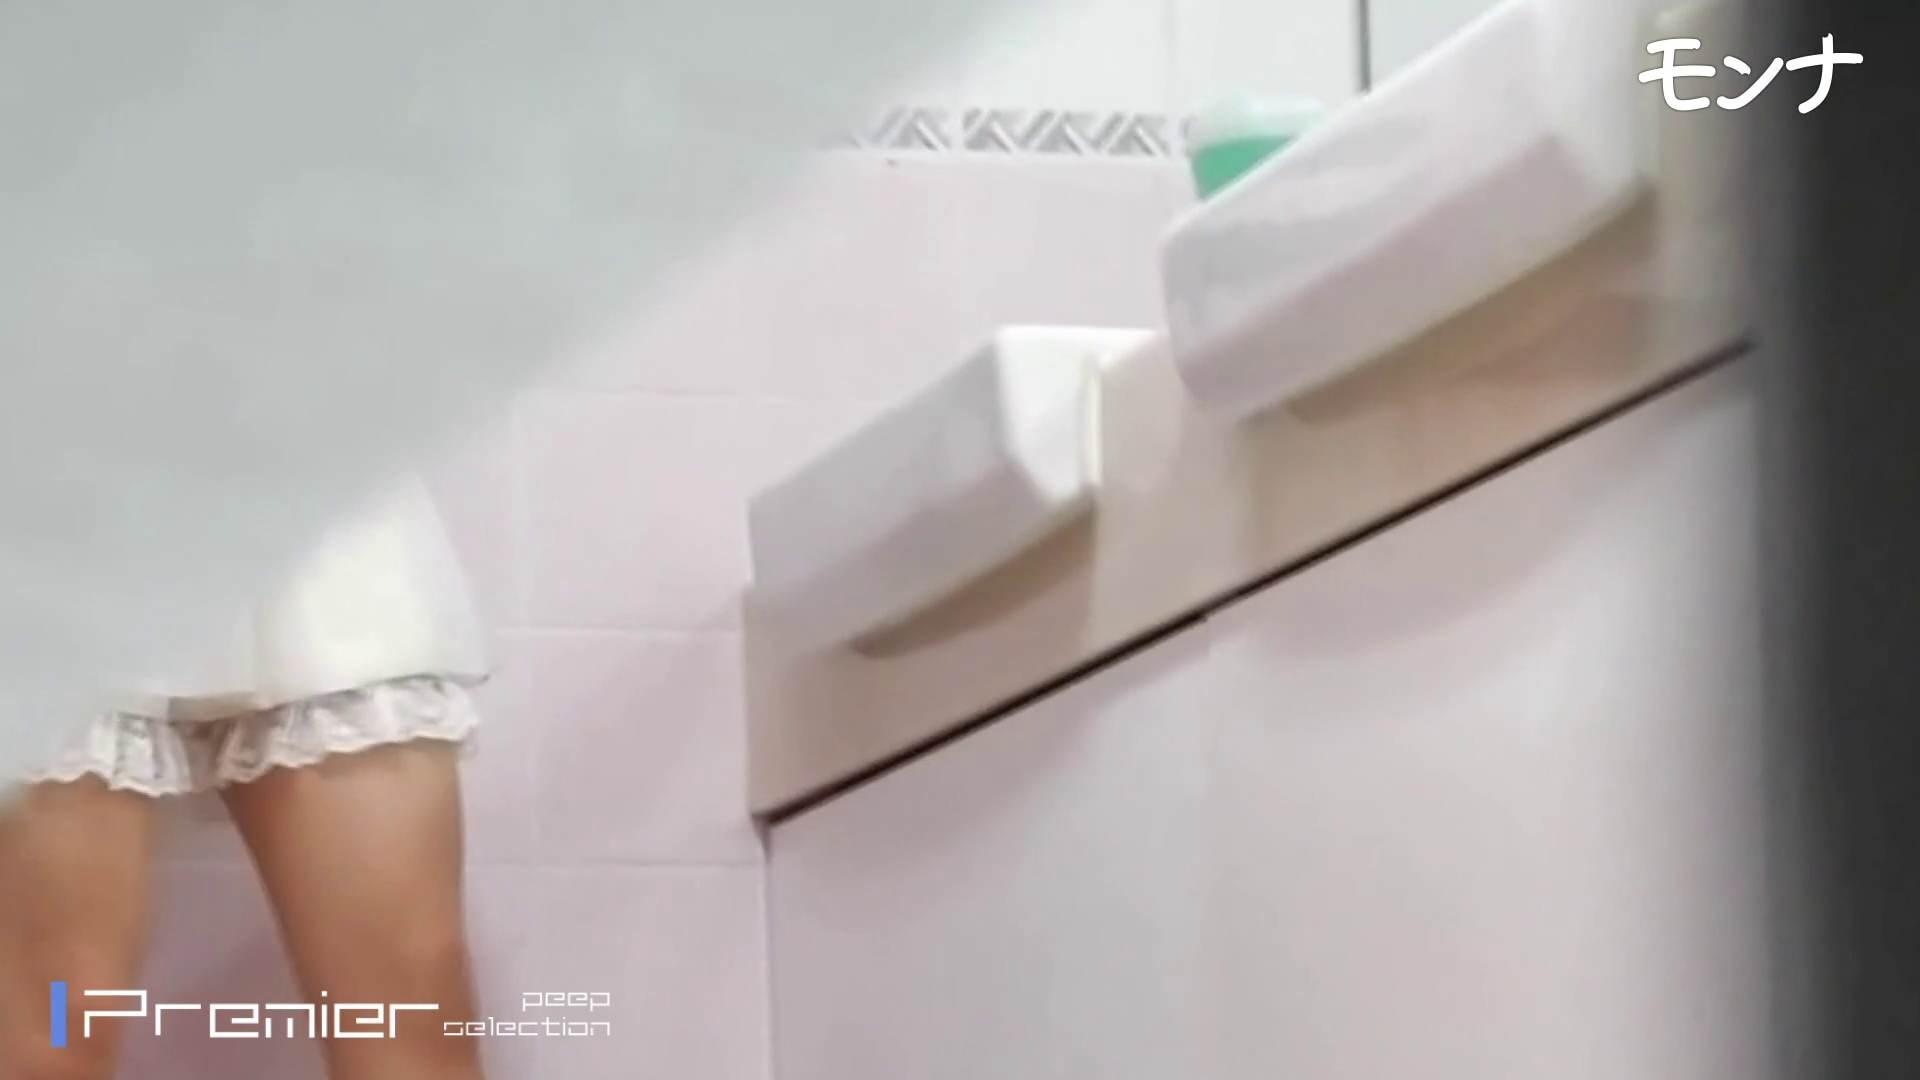 CM 悶絶シリーズ5 【美しい日本の未来 No.128】 おまんこ無修正 | ギャル・コレクション  48連発 30